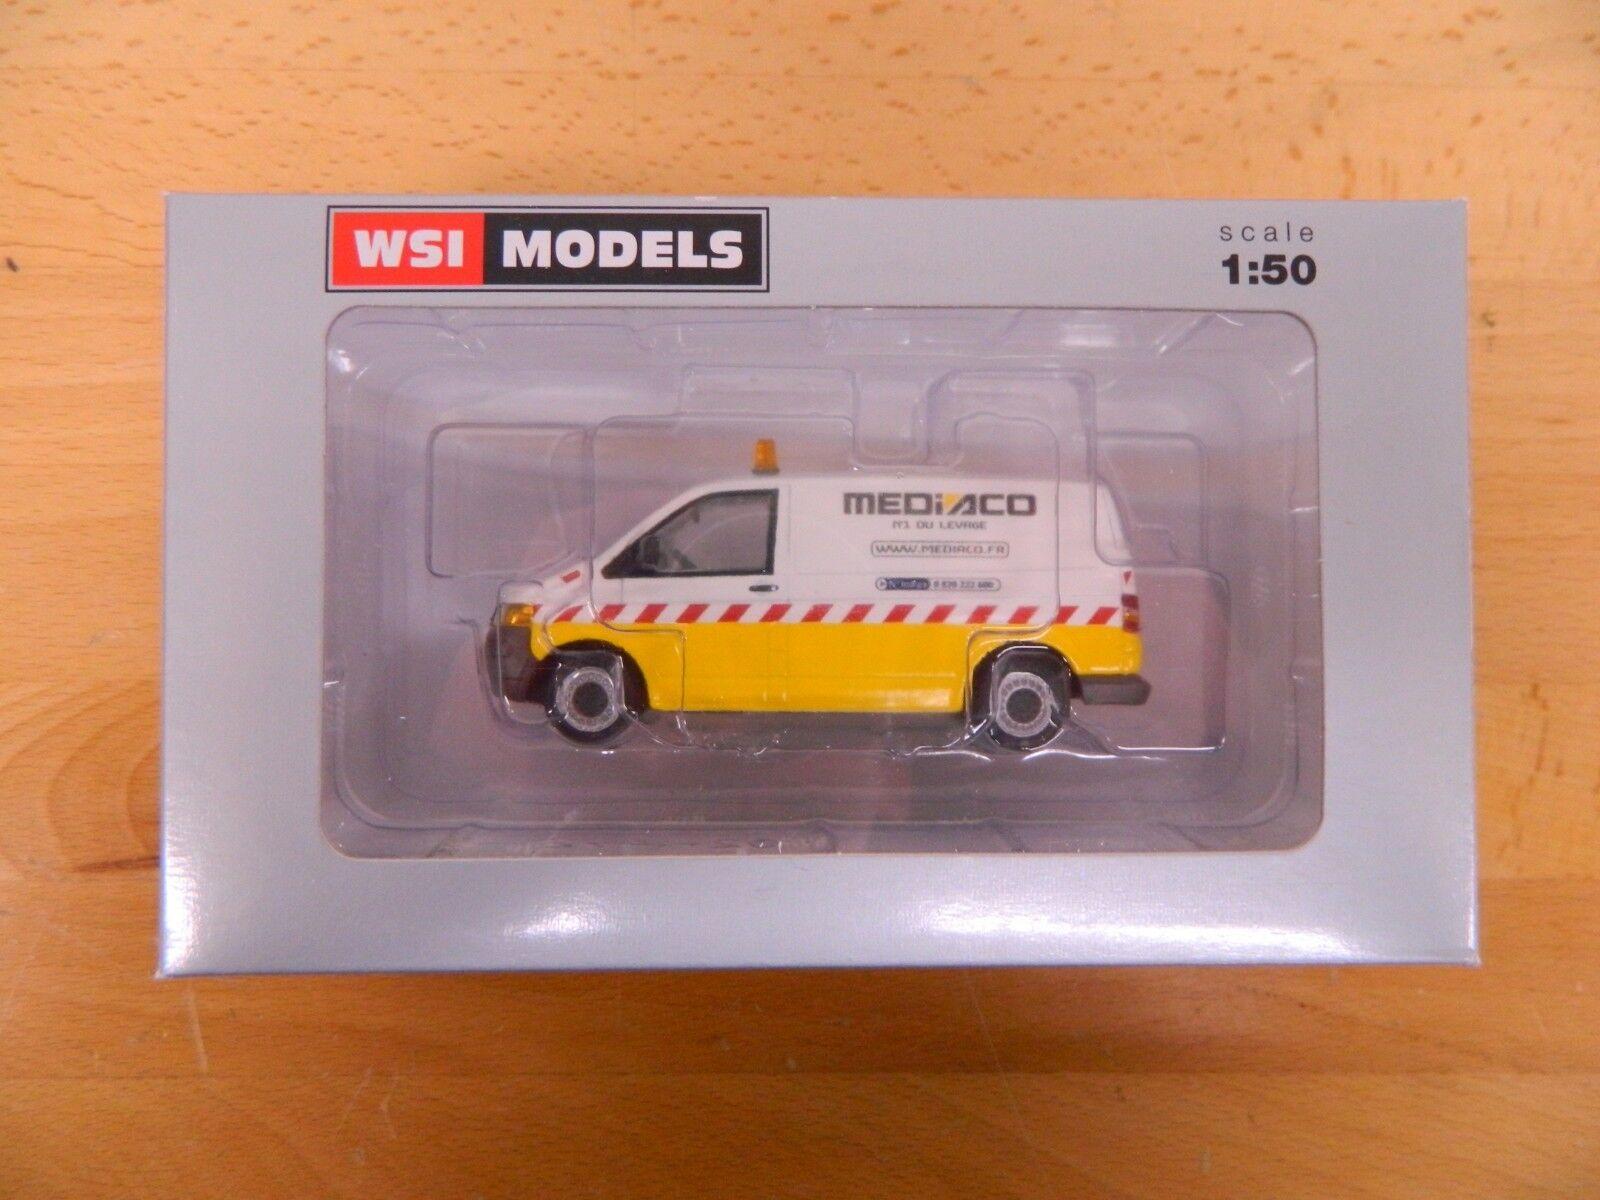 WSI 01-1935  Mediaco  Volkswagen TRANSPORTER van 1 50